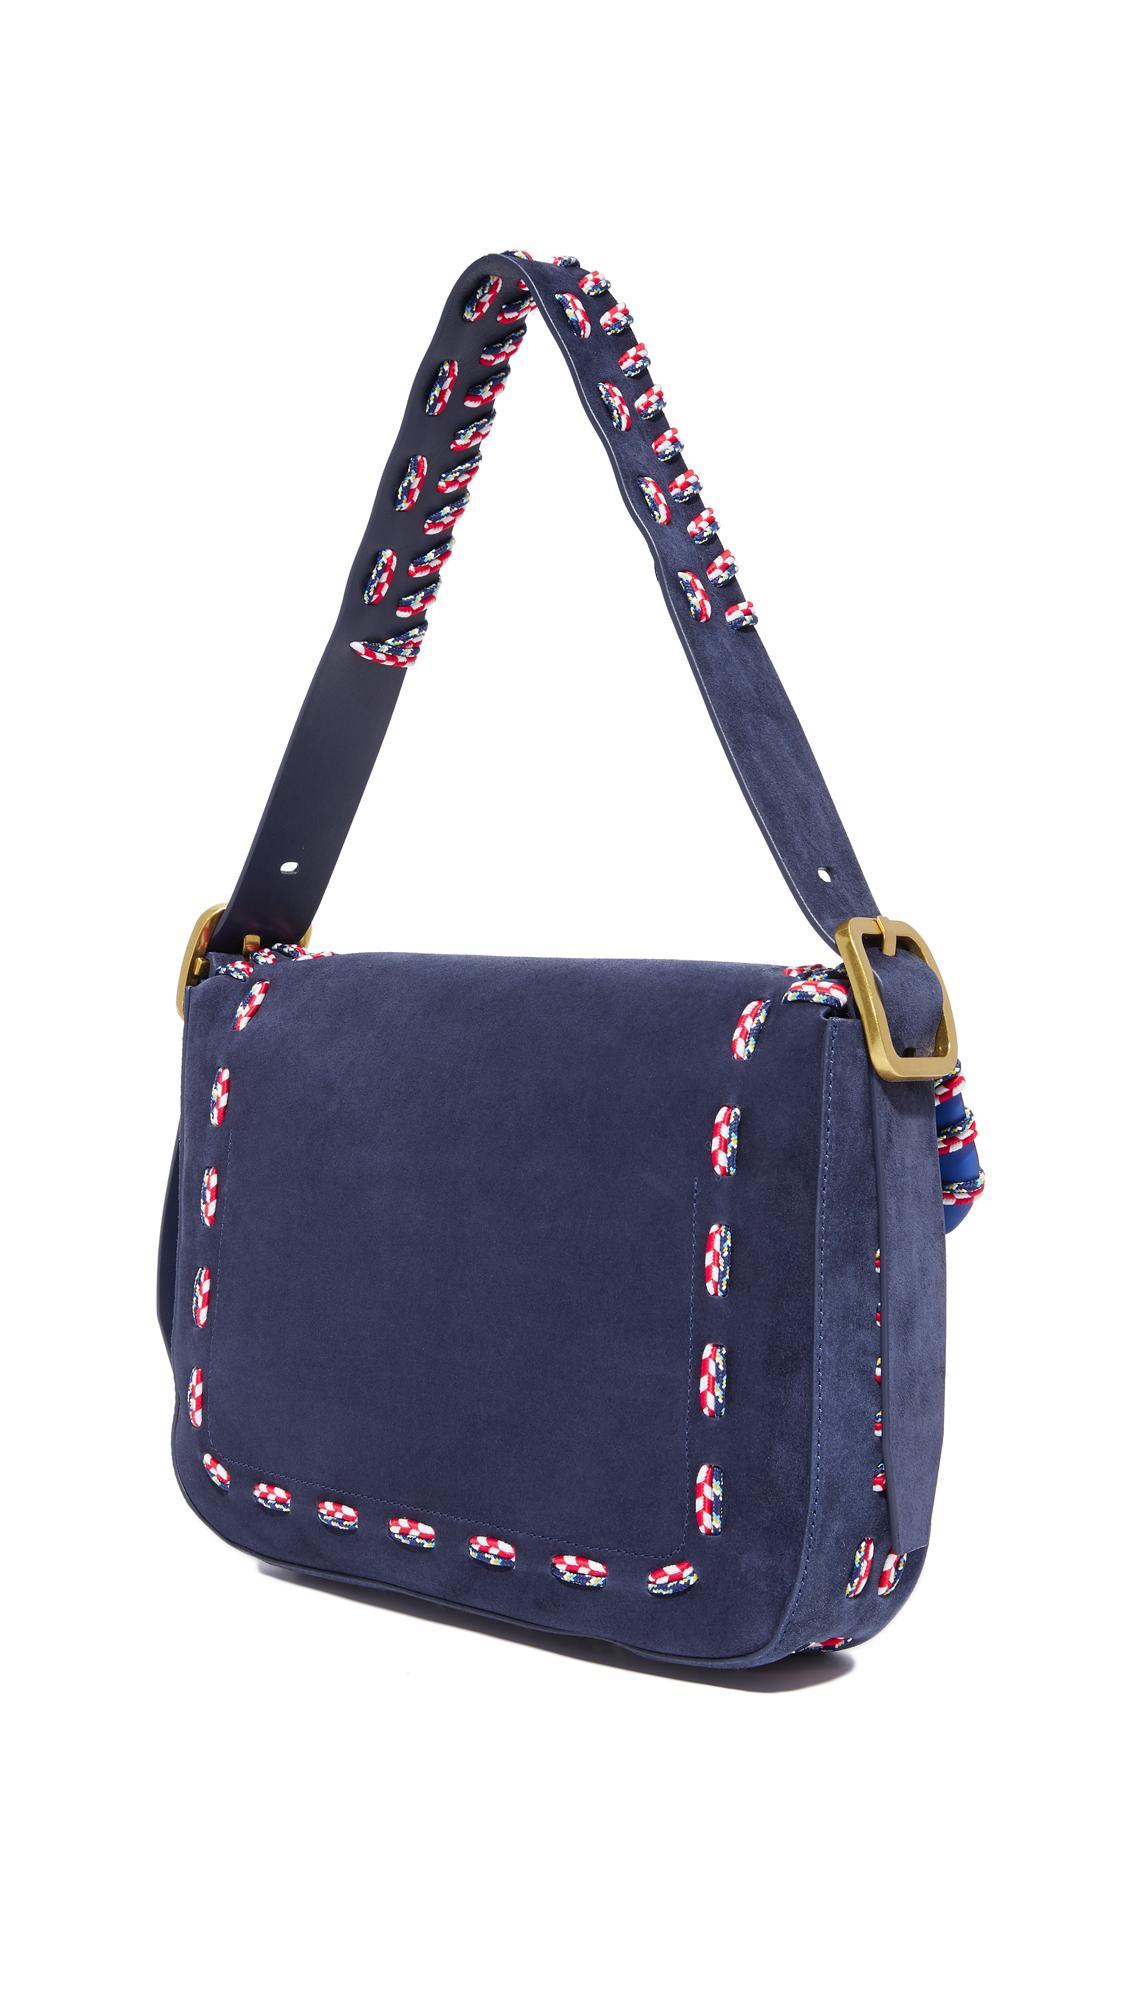 1683e612bdf6 Tory Burch Sawyer Stitch Shoulder Bag in Blue - Lyst